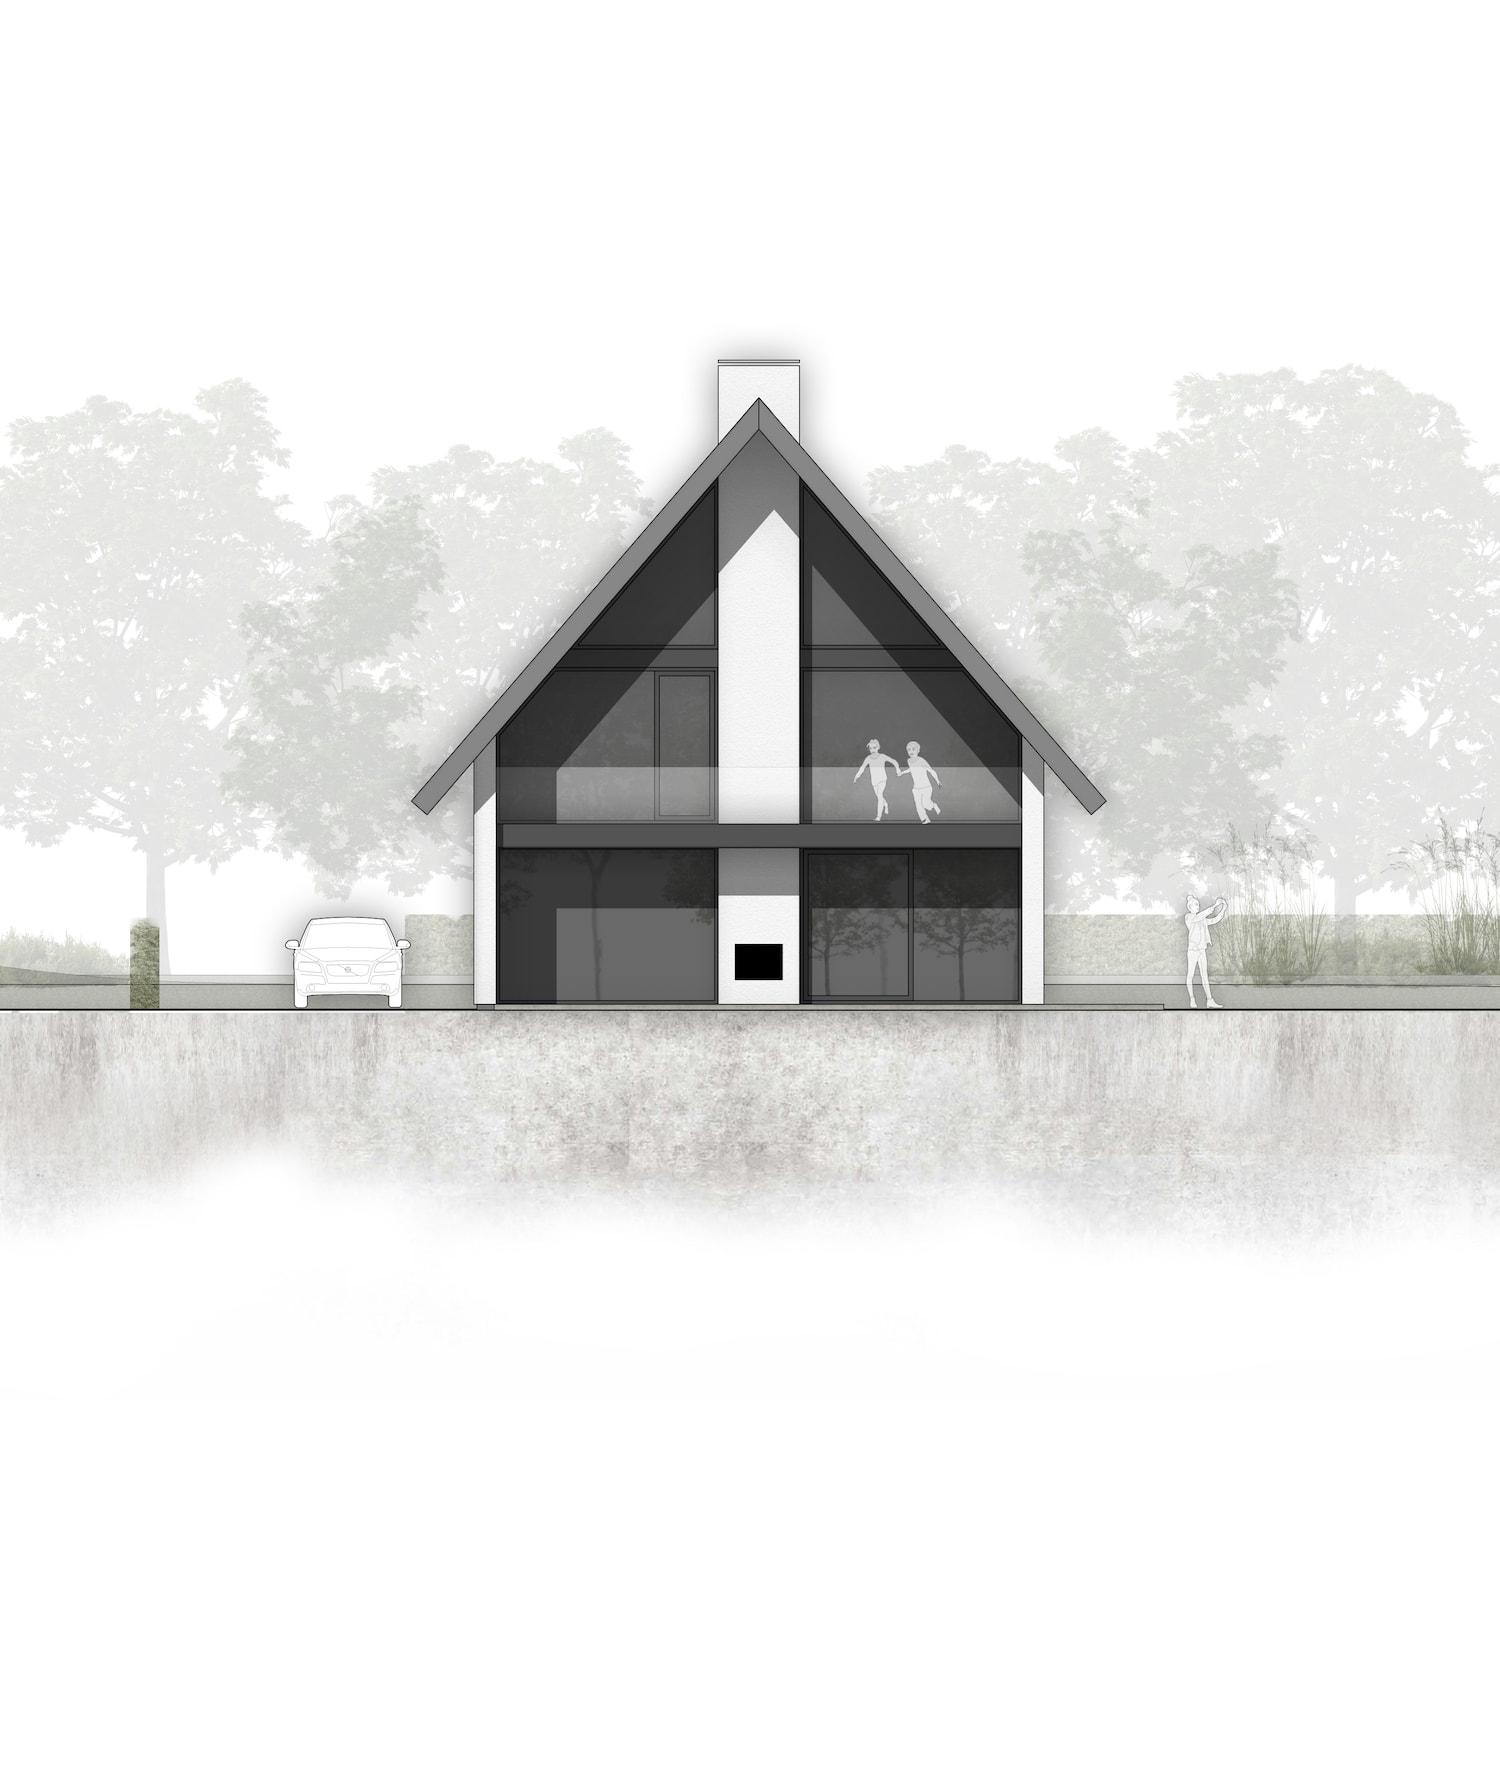 van-os-architecten-breda-nieuwbouw-woning-in-gevelstucwerk-en-stalen-dak-hoge-gouw-teteringen-achtergevel-met-balkon-en-versanda-bij-woonkeuken-en-grote-aluminium-puien